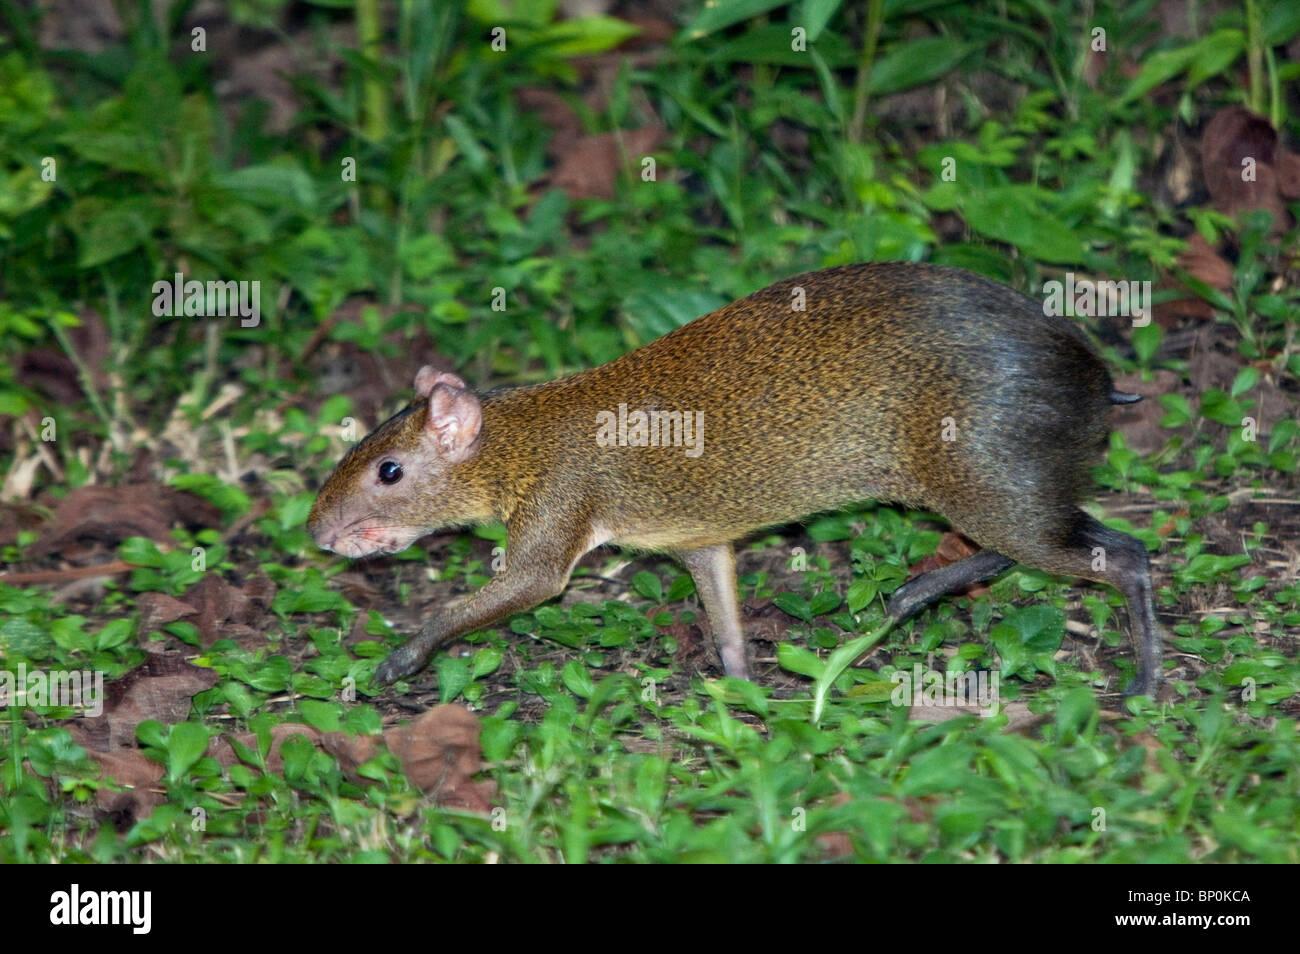 Le Pérou. Aguti marron dans la forêt tropicale du bassin amazonien. Photo Stock